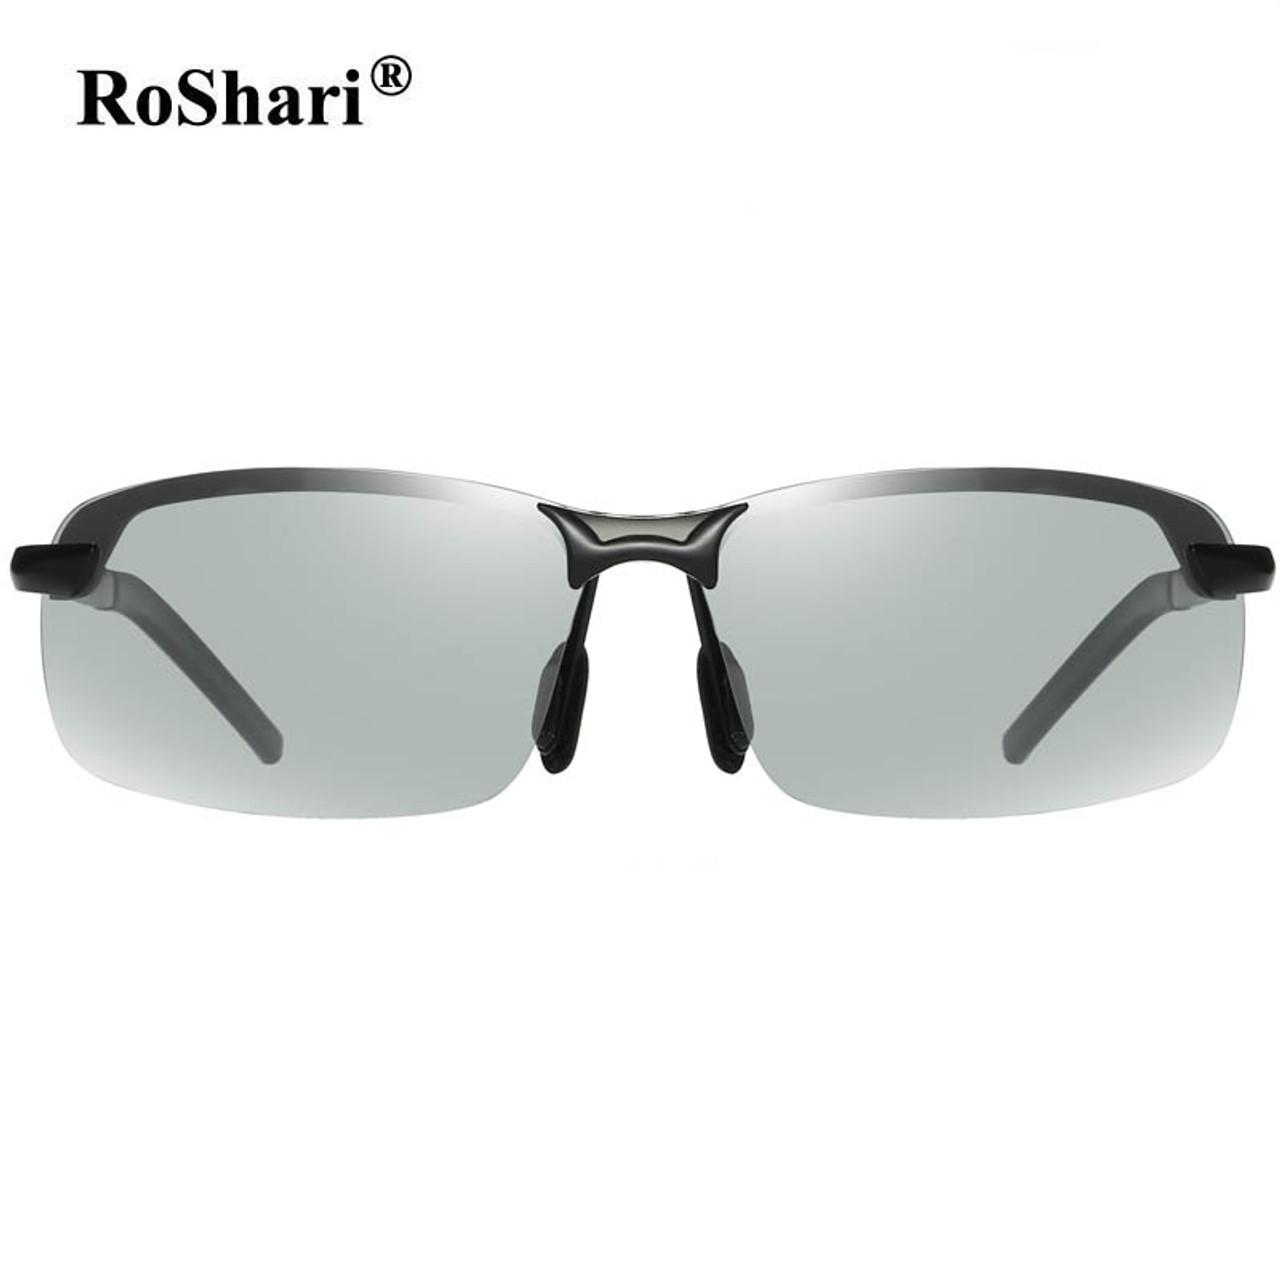 ba95b2467c2 ... RoShari Driving Photochromic Sunglasses Men Polarized Chameleon  Discoloration Sun glasses for men ...